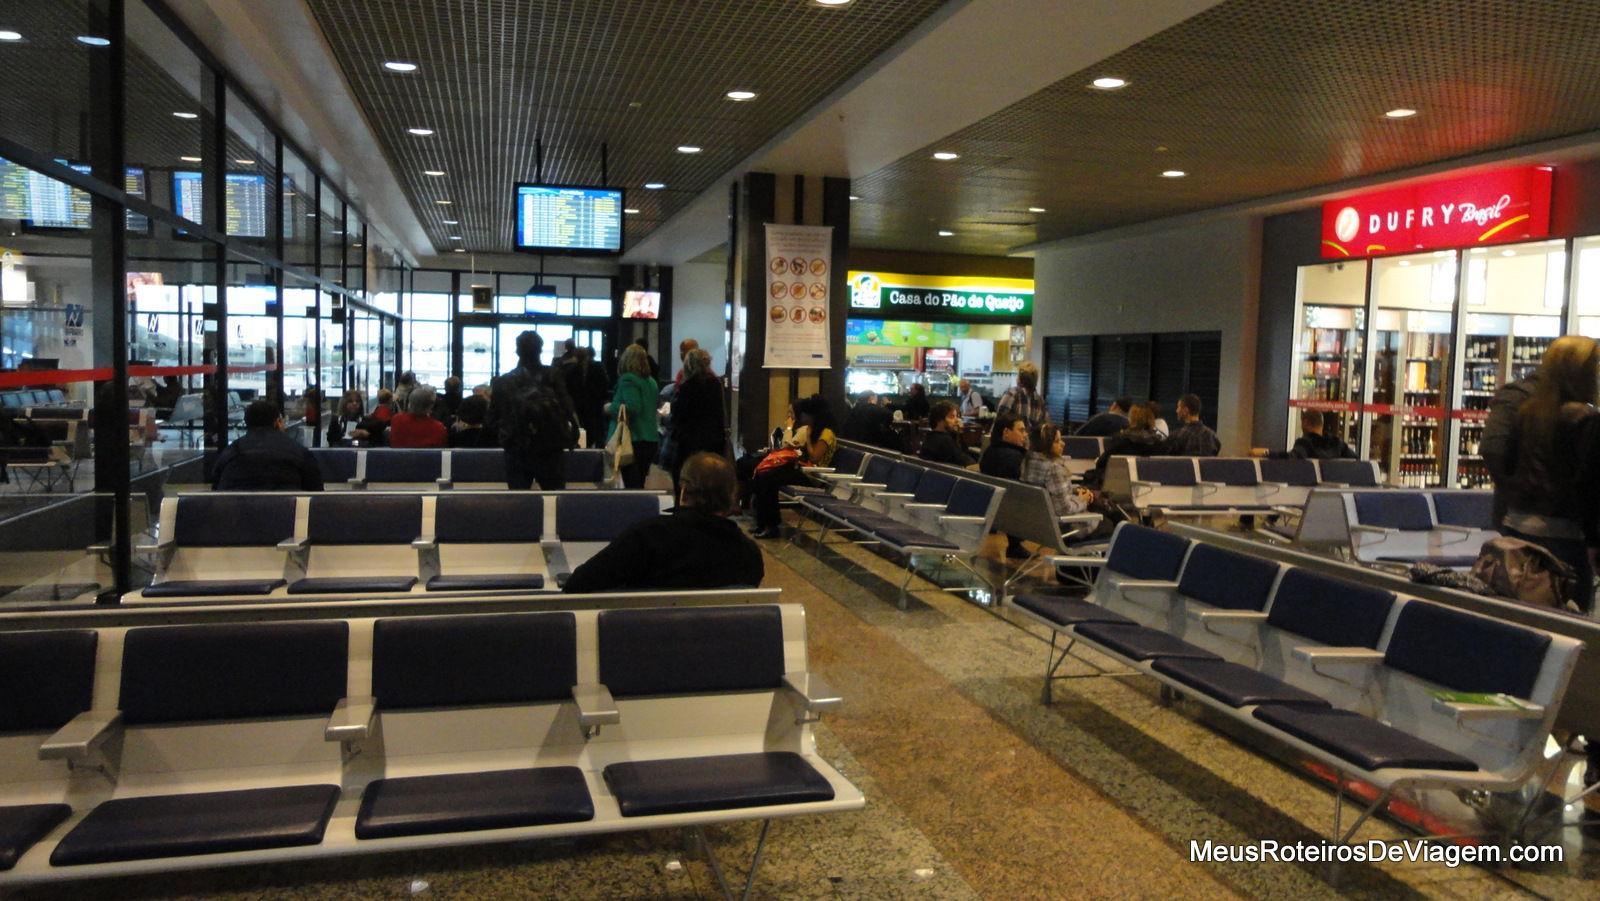 #B31823 Conexão no Aeroporto de Porto Alegre Meus Roteiros de Viagem 828 Loja De Janelas De Aluminio Em Porto Alegre